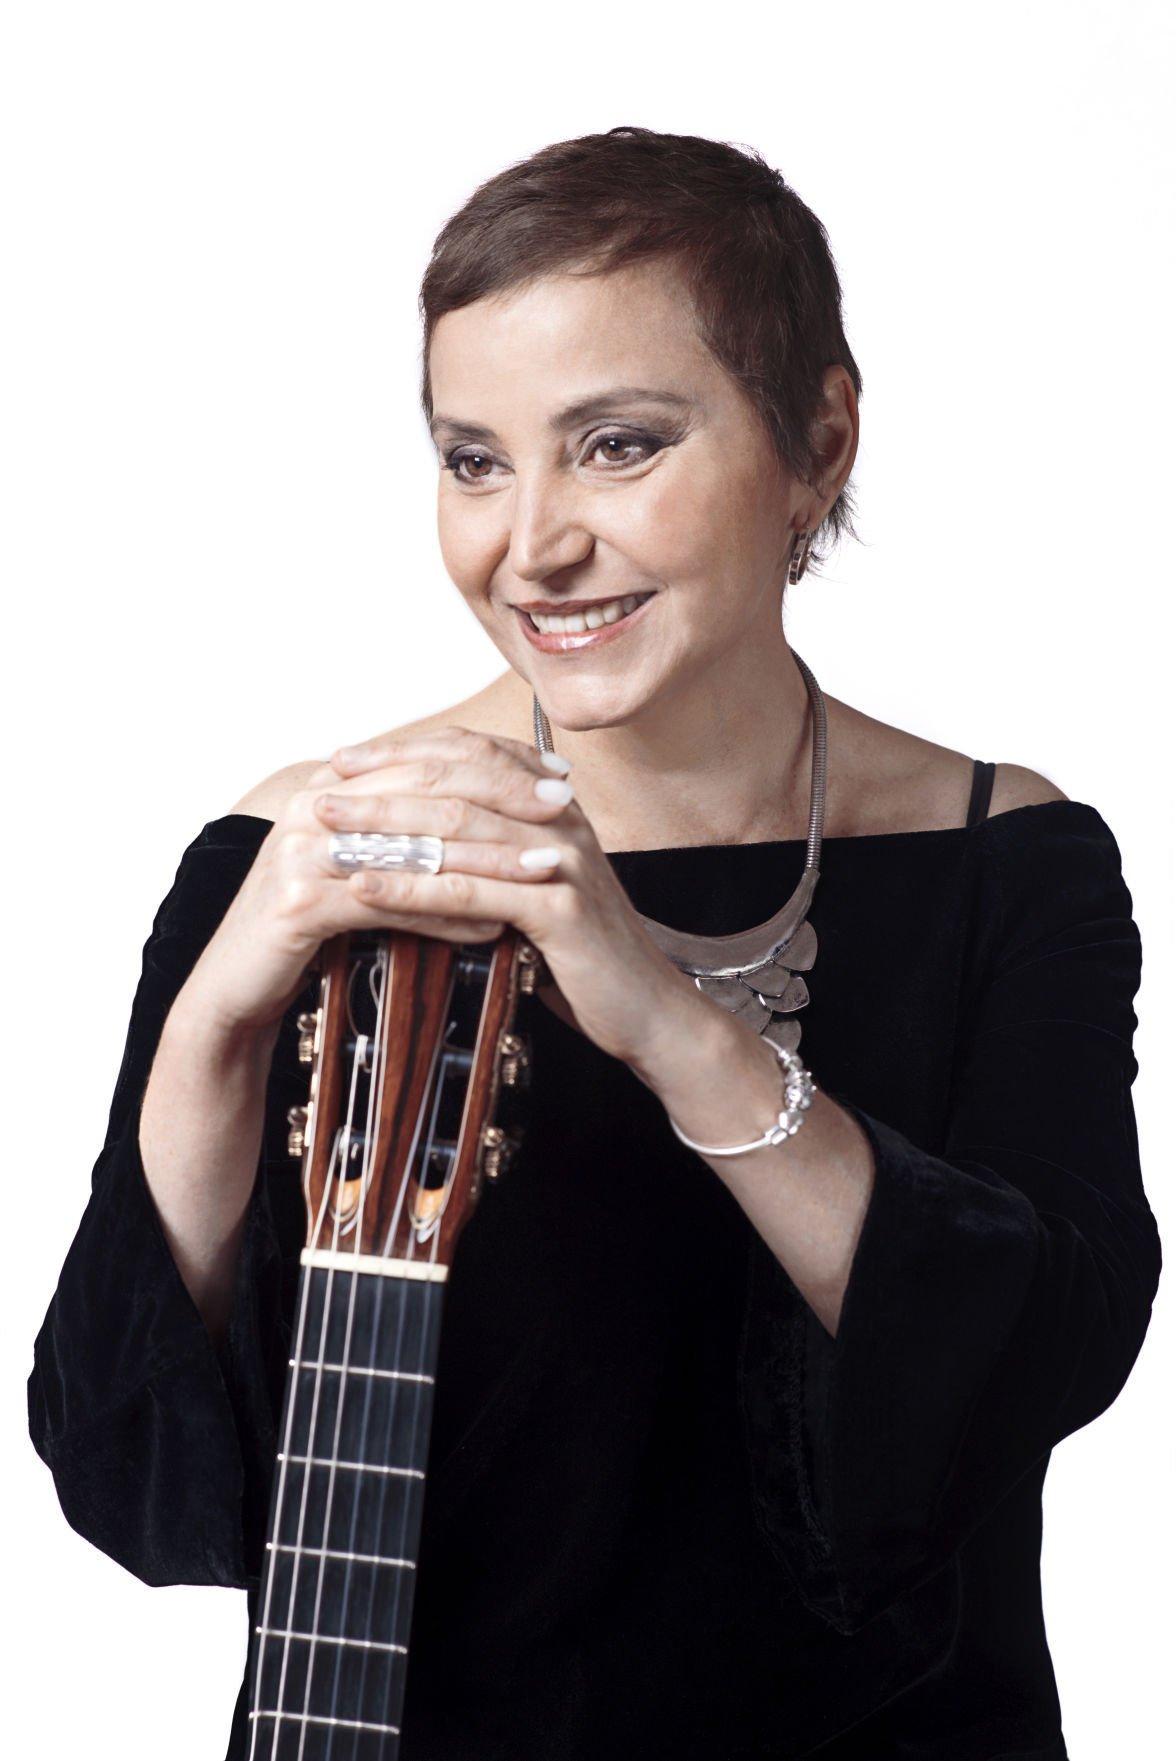 Berta Rojas